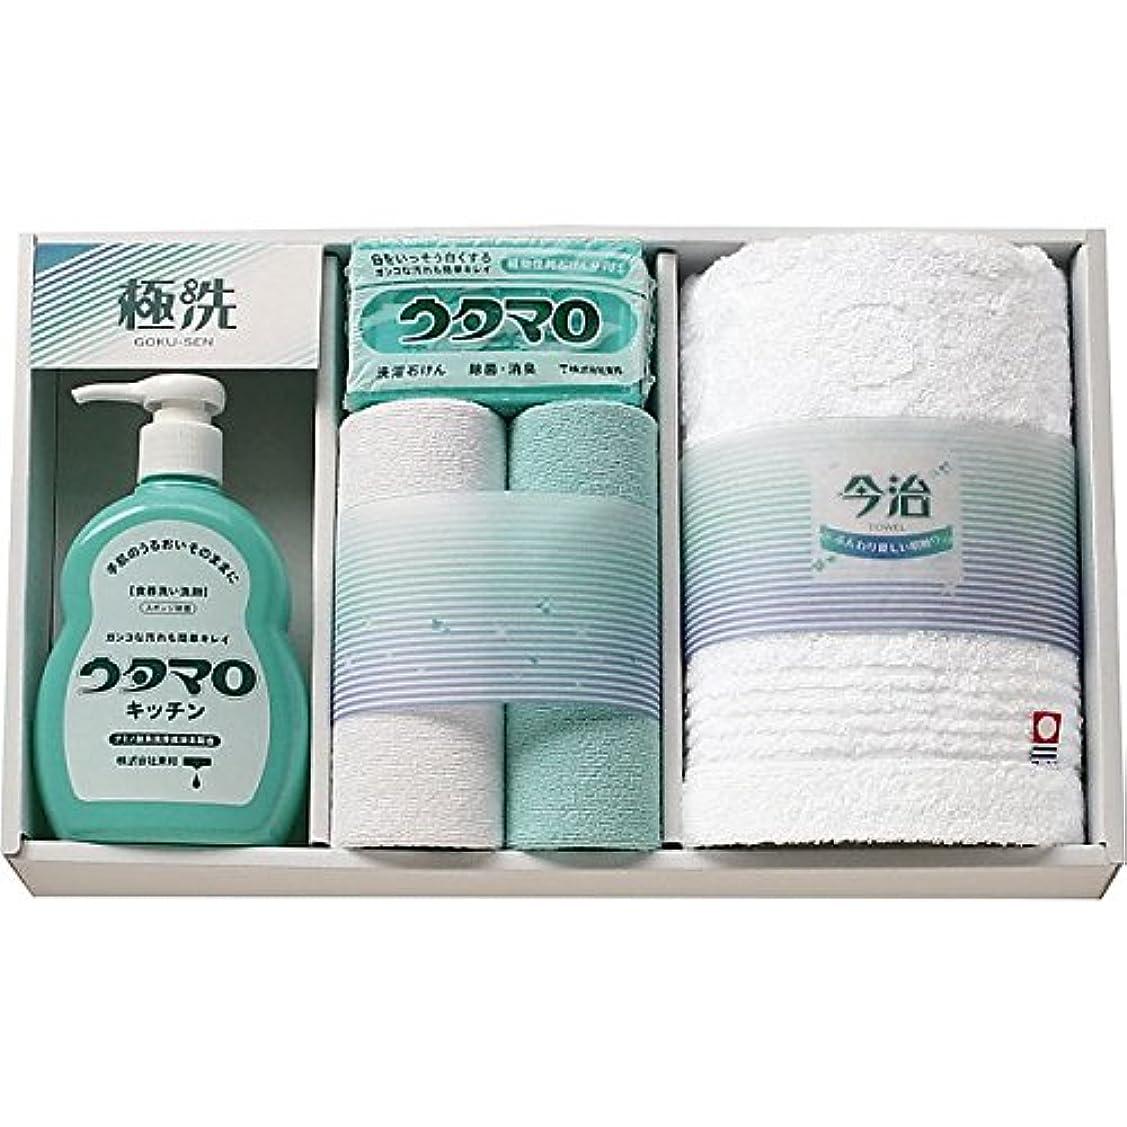 吸収する有害な正確( ウタマロ ) 石鹸?キッチン洗剤ギフト ( 835-1055r )